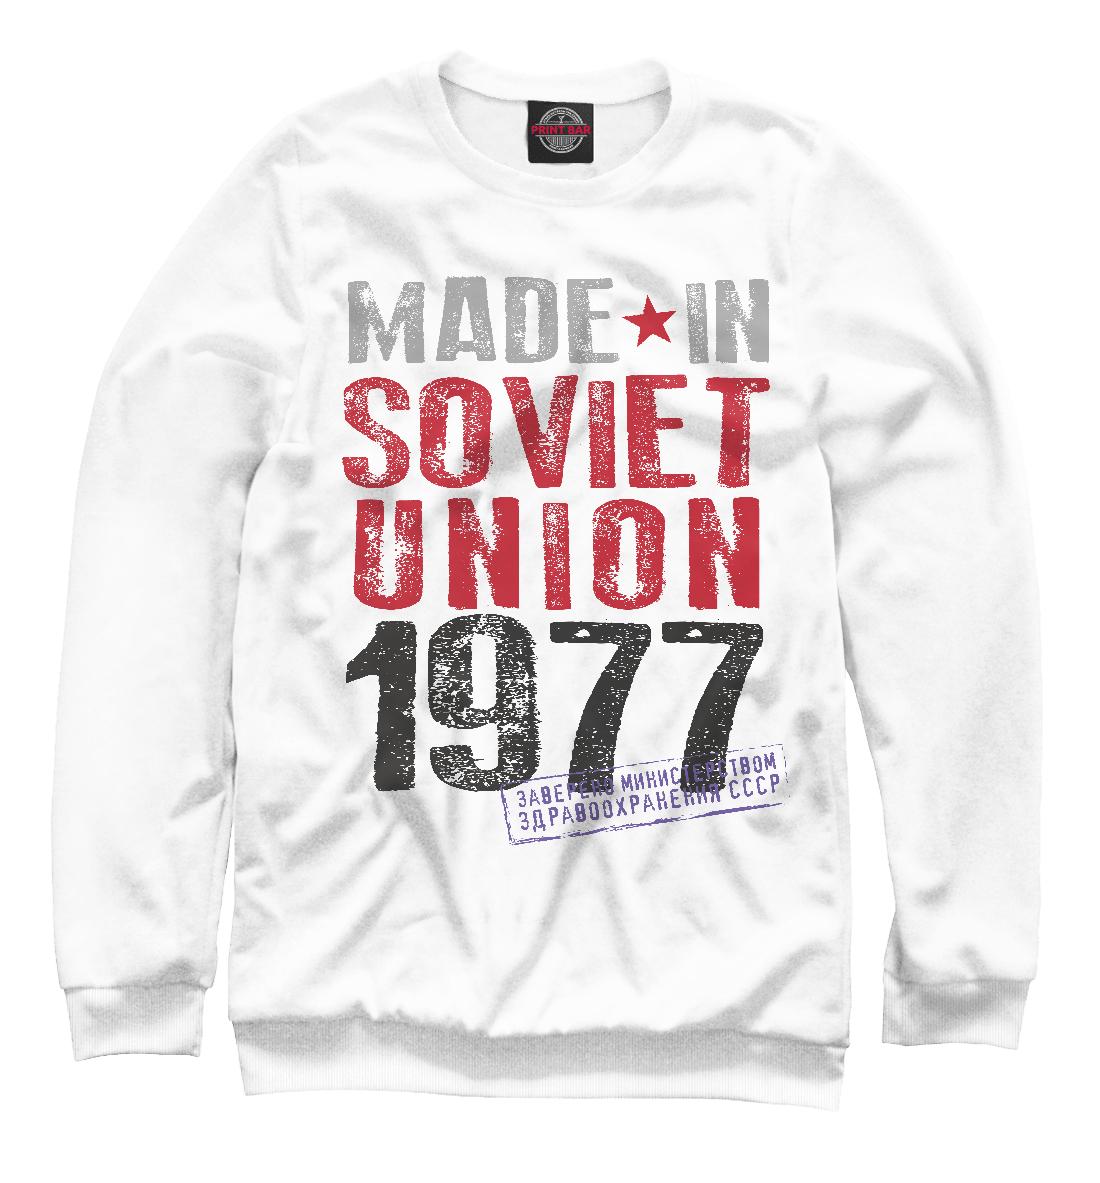 Купить Сделано в советском союзе 1977, Printbar, Свитшоты, DSE-823310-swi-2